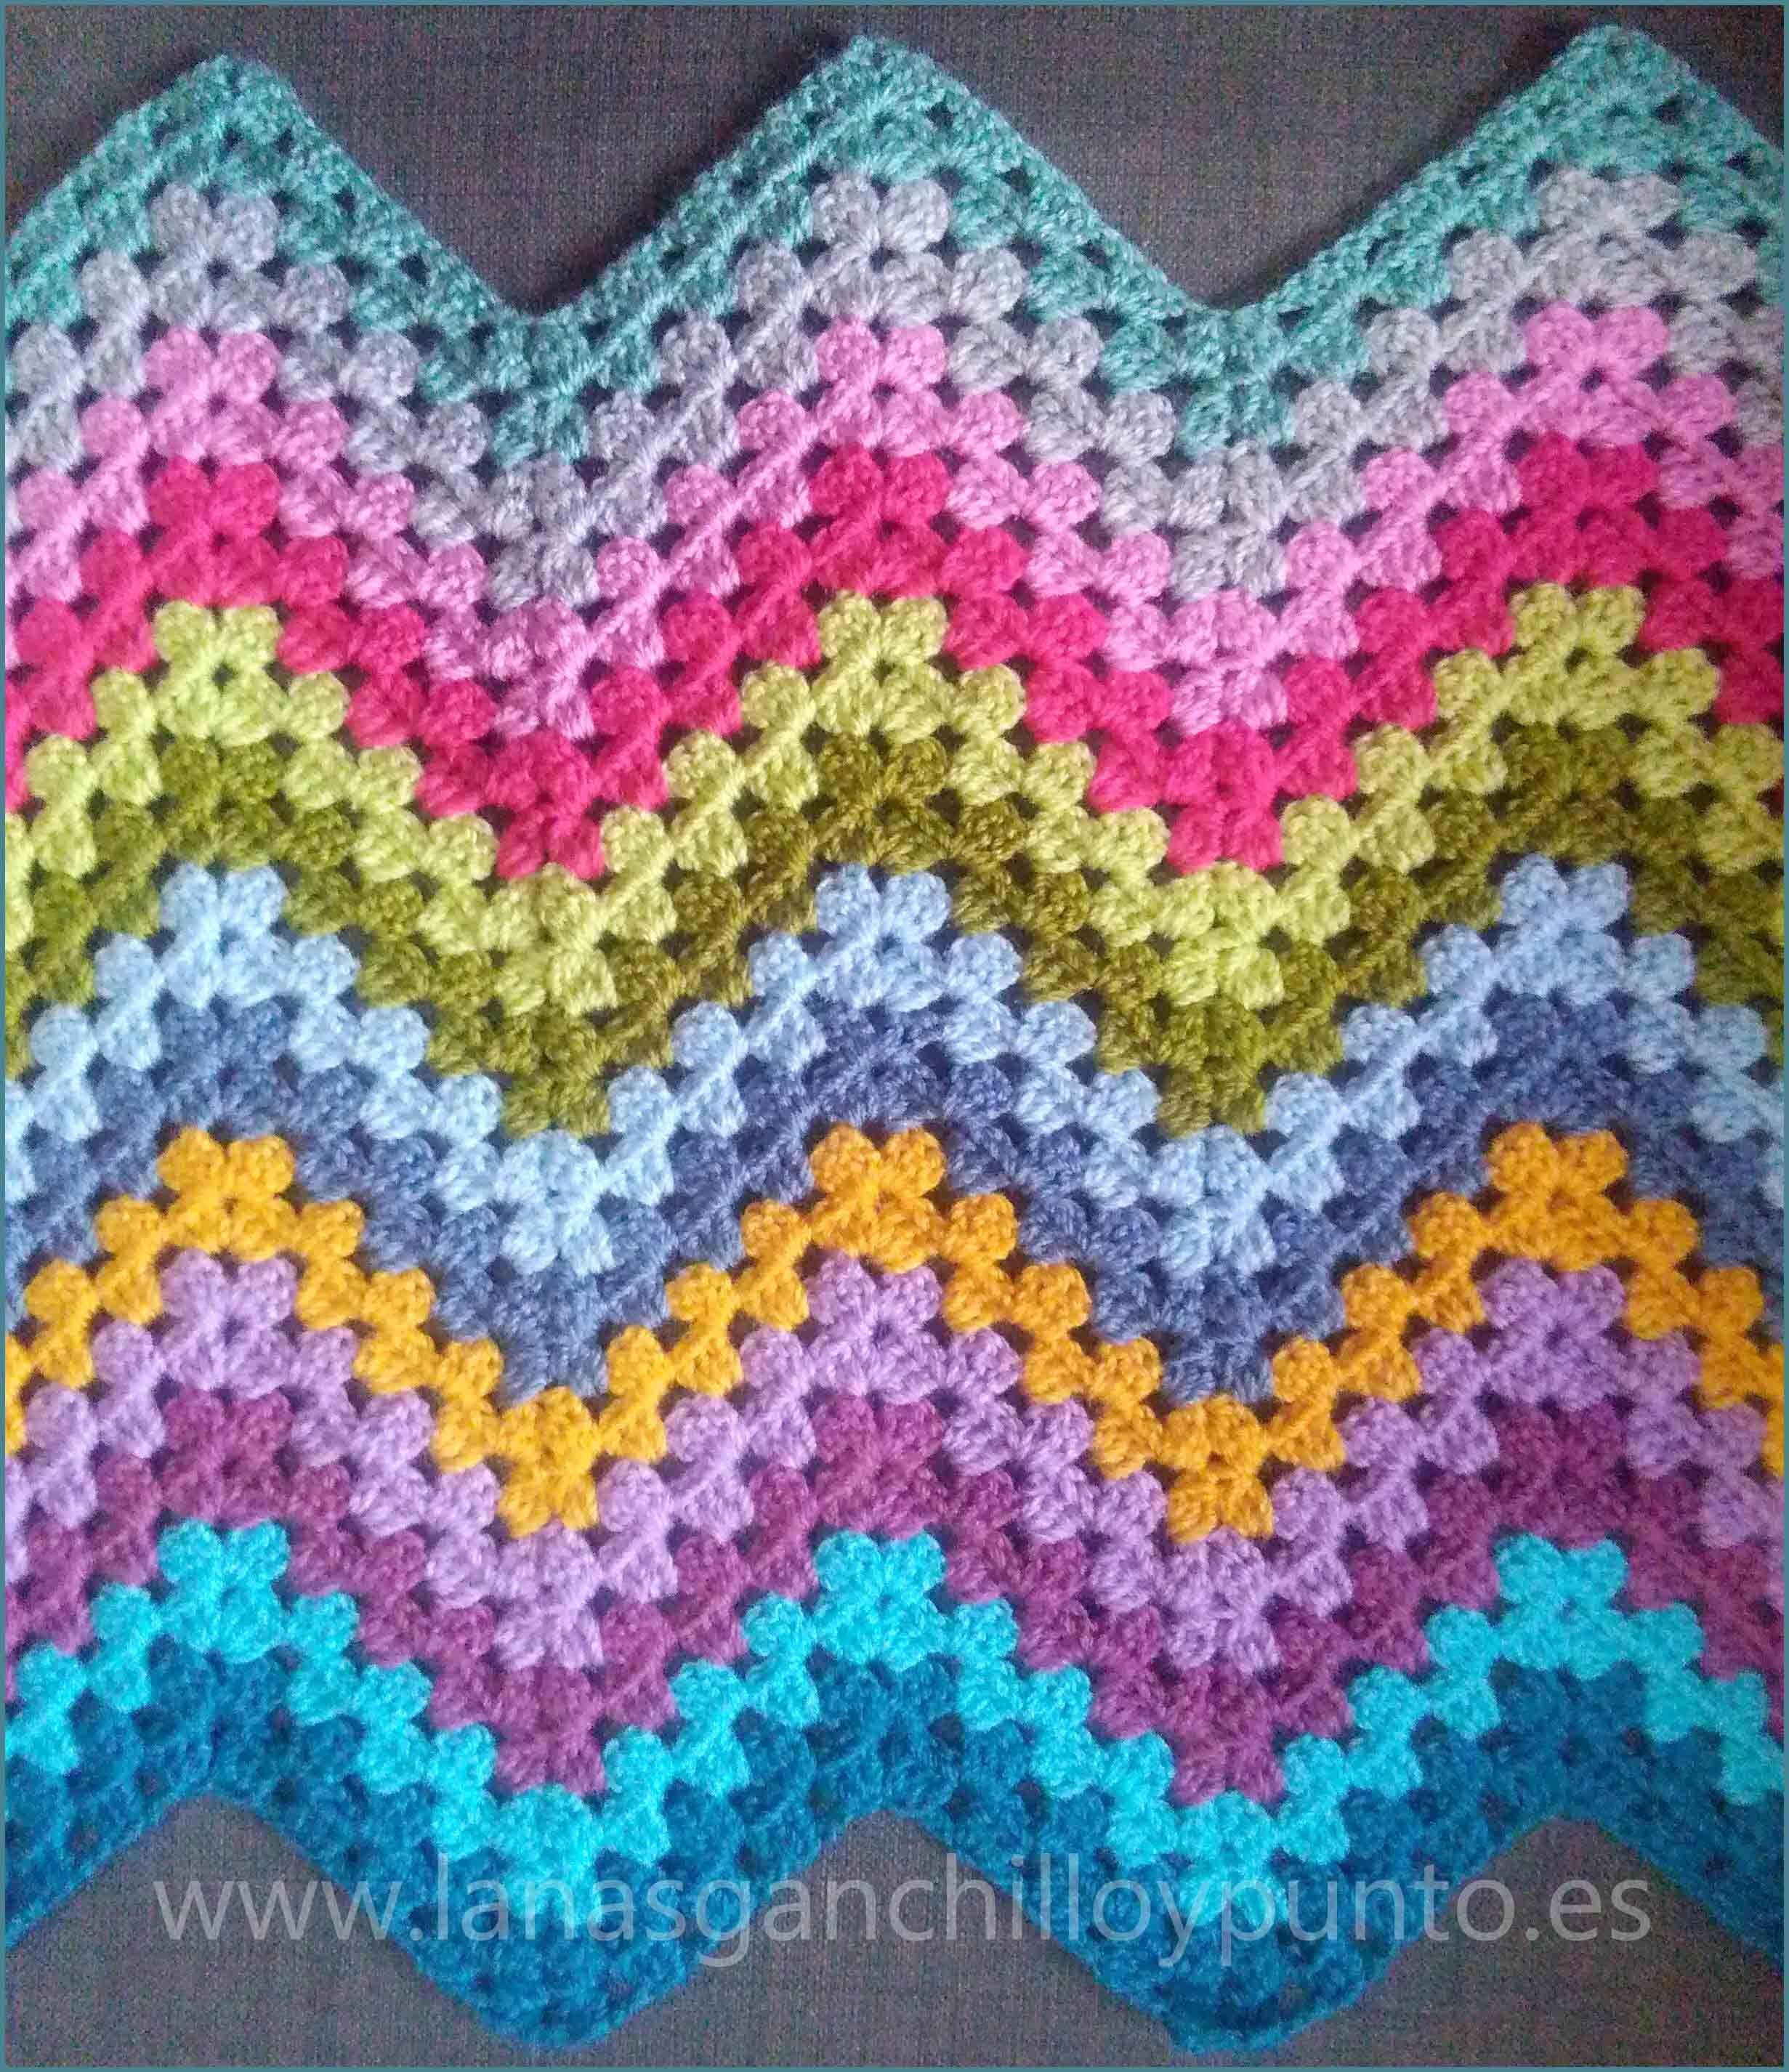 Hermosa Chevron Patrón Manta Crochet Bandera - Manta de Tejer Patrón ...